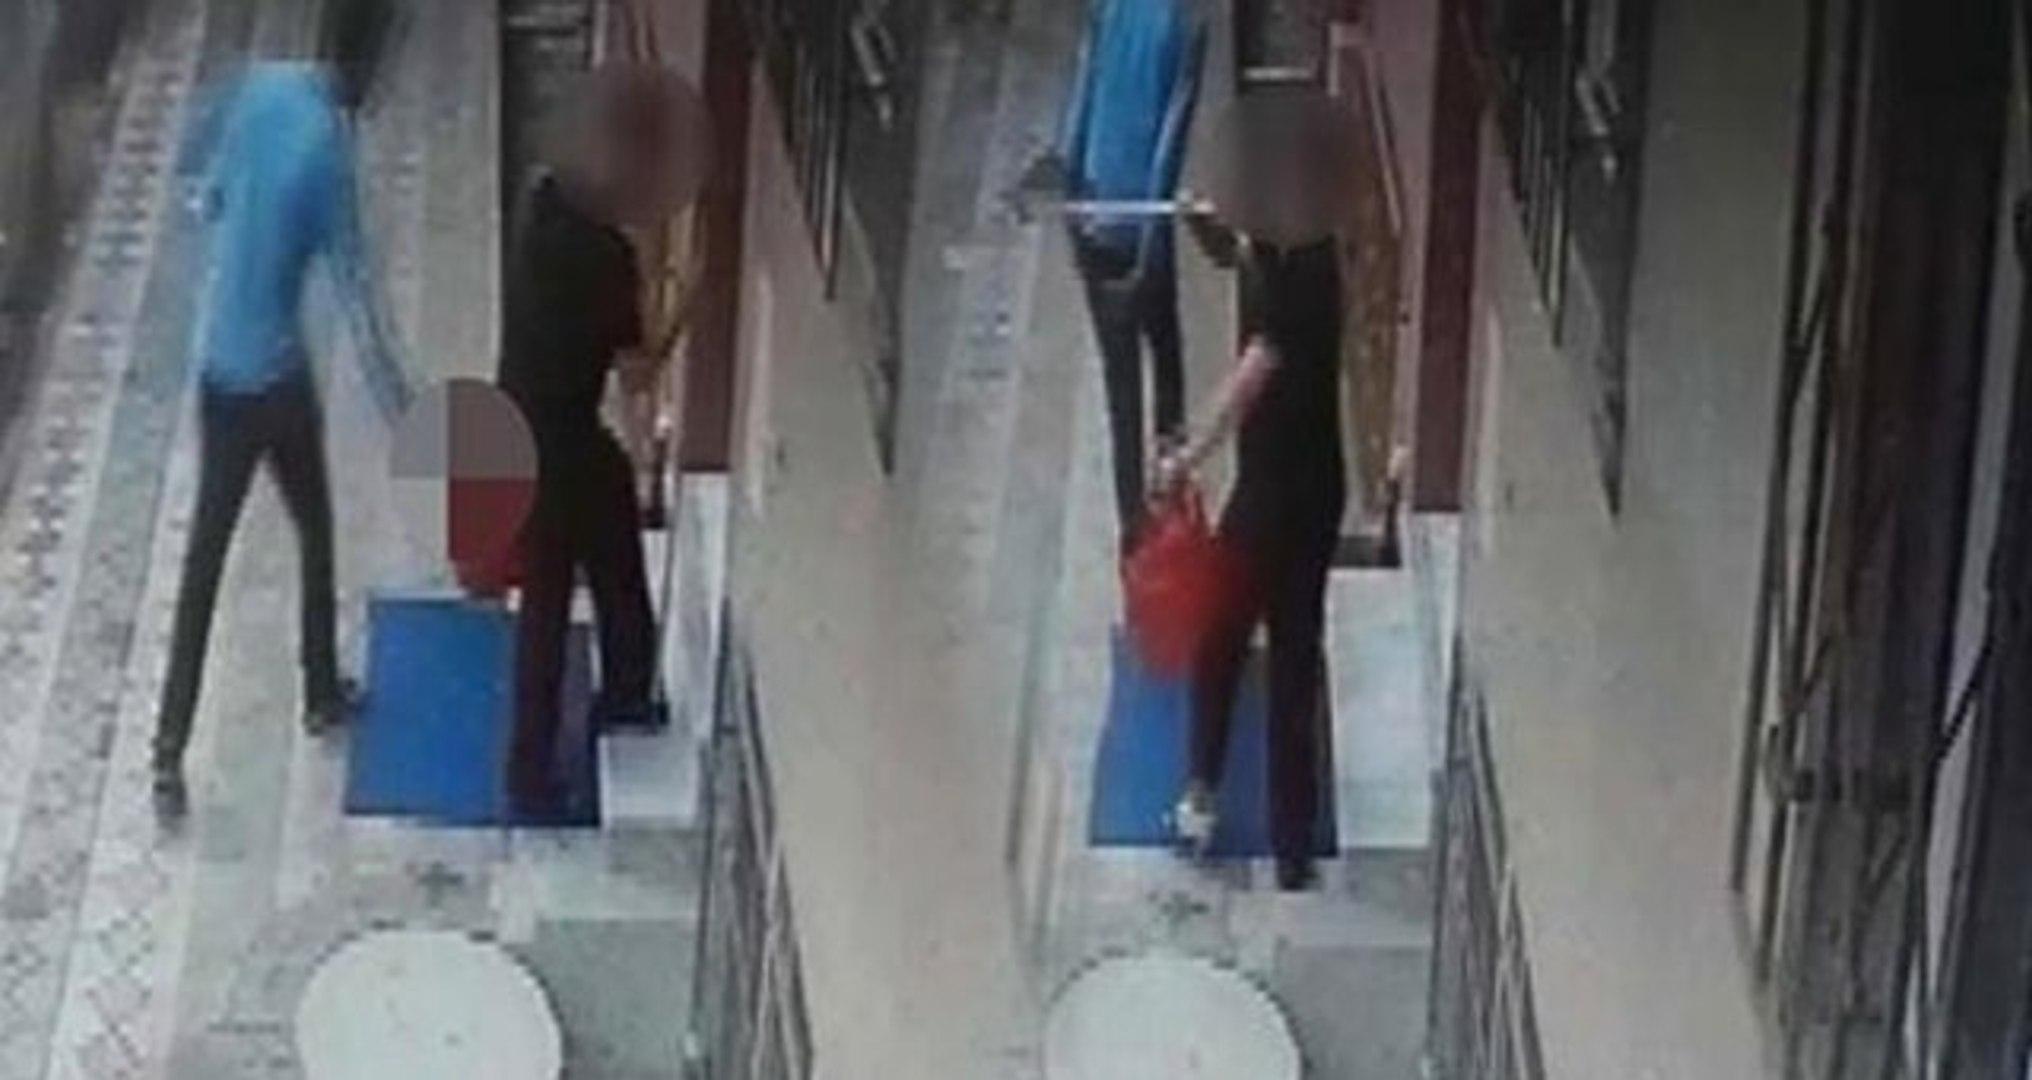 Temizlik yapan kadını taciz eden sapık bir anda neye uğradığını şaşırdı